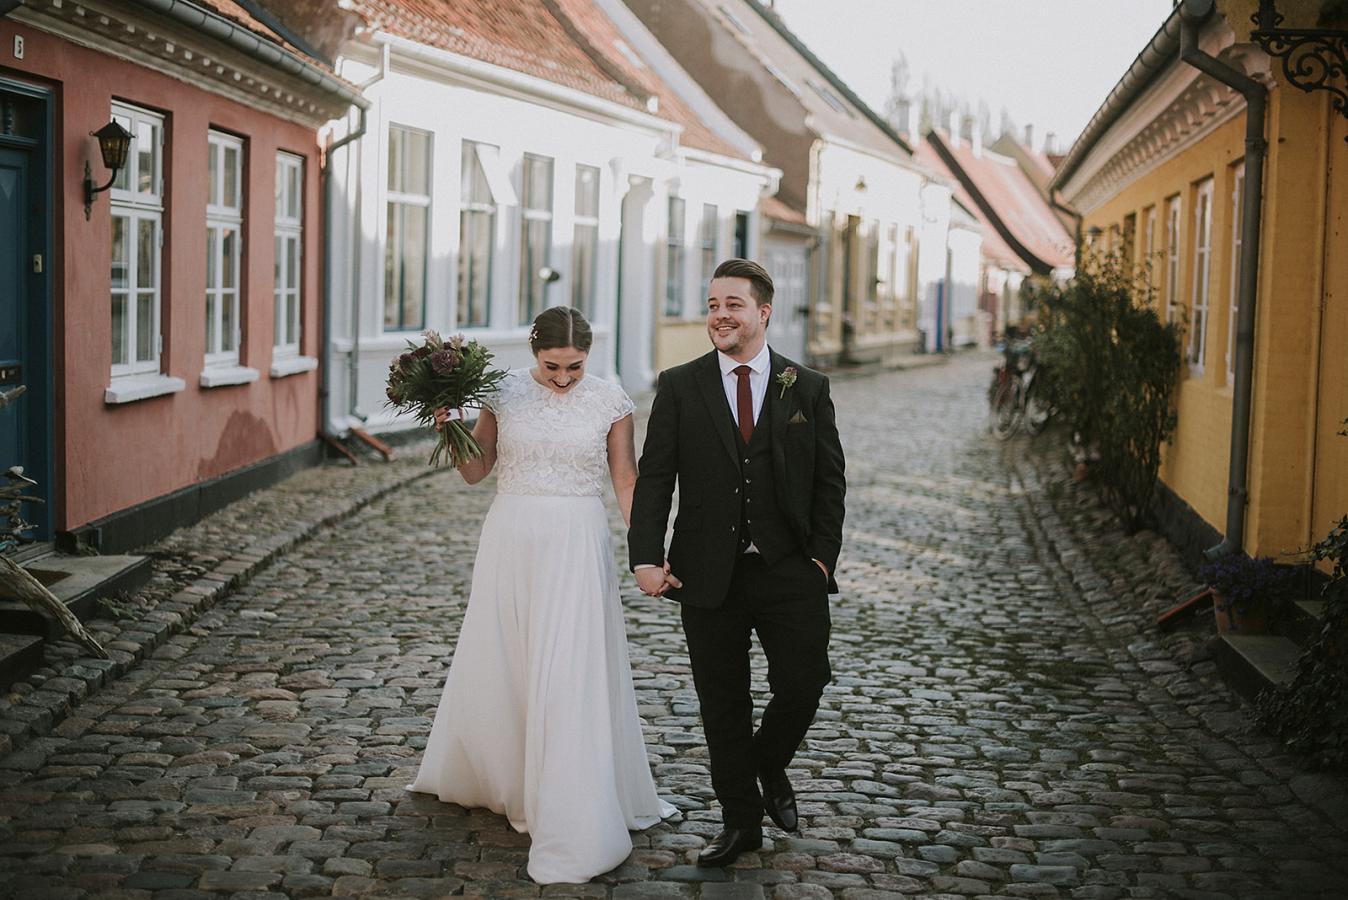 Hochzeit Dänemark Deutschland Anerkannt